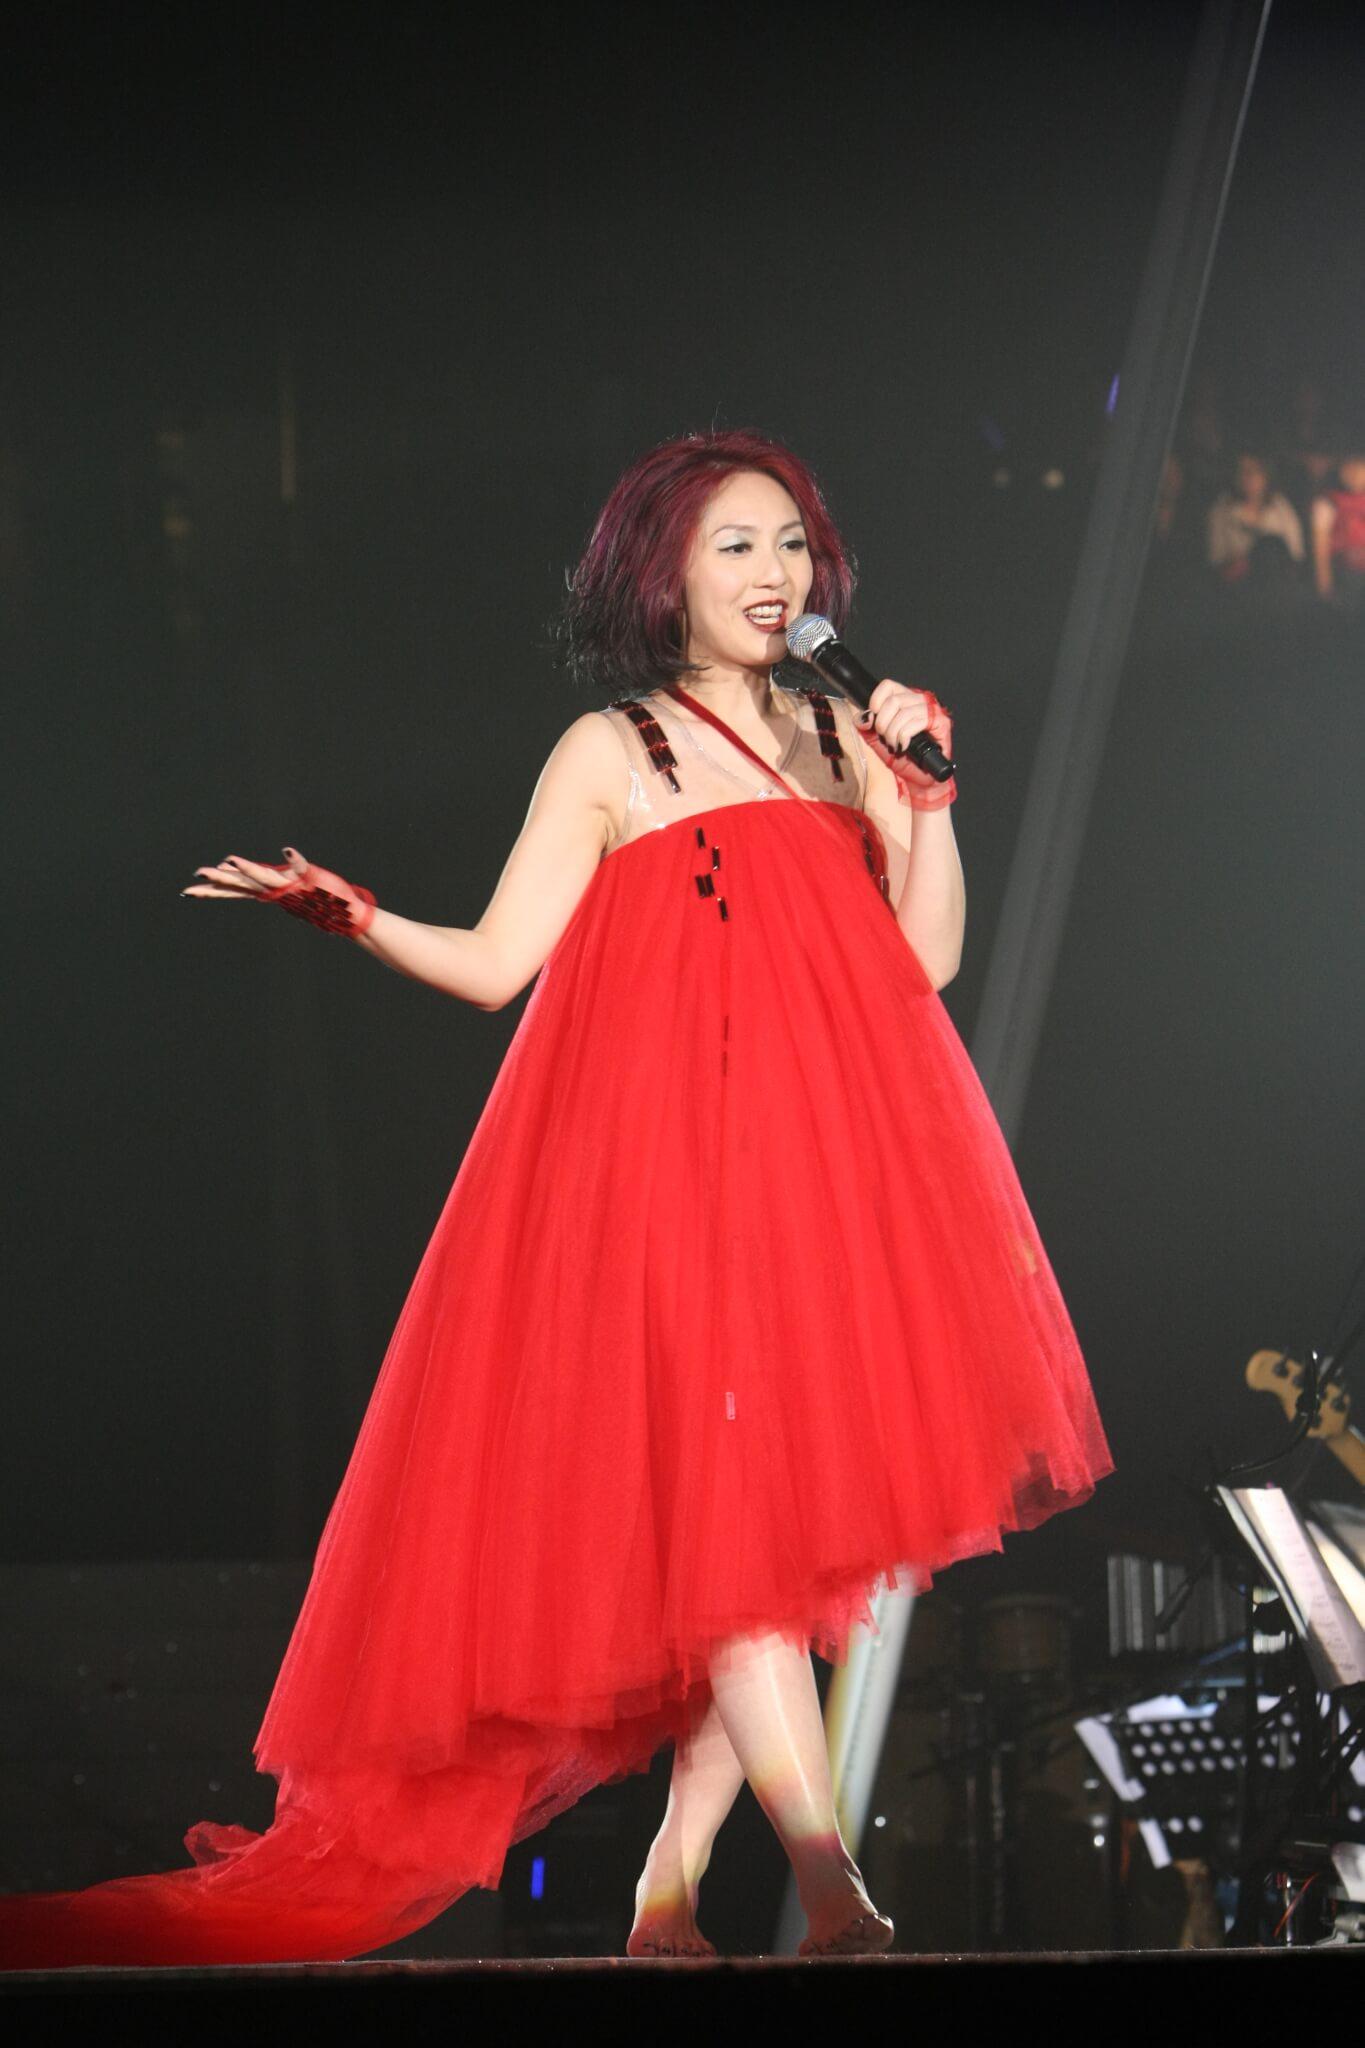 《楊千嬅Minor Classics Live音樂會》開騷前才發現懷孕,雖然未足三個月,但千嬅已出現水腫,所以已準備的鞋都穿不上。